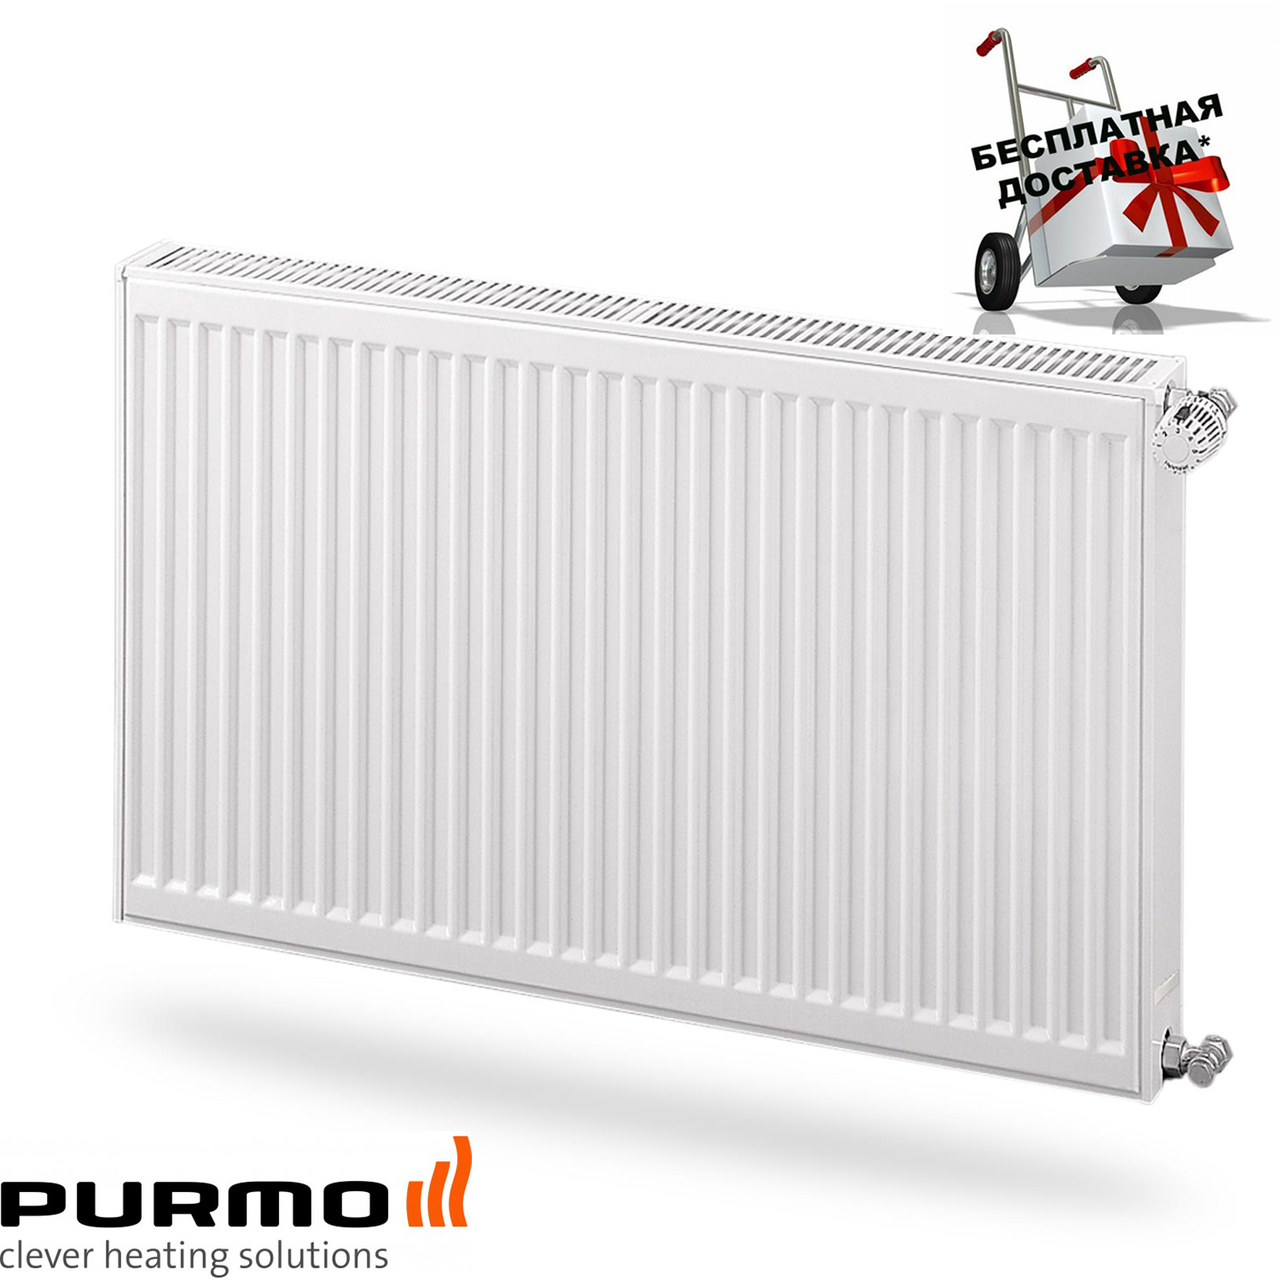 Стальной (панельный) радиатор PURMO Compact т22 600x700 боковое подключение